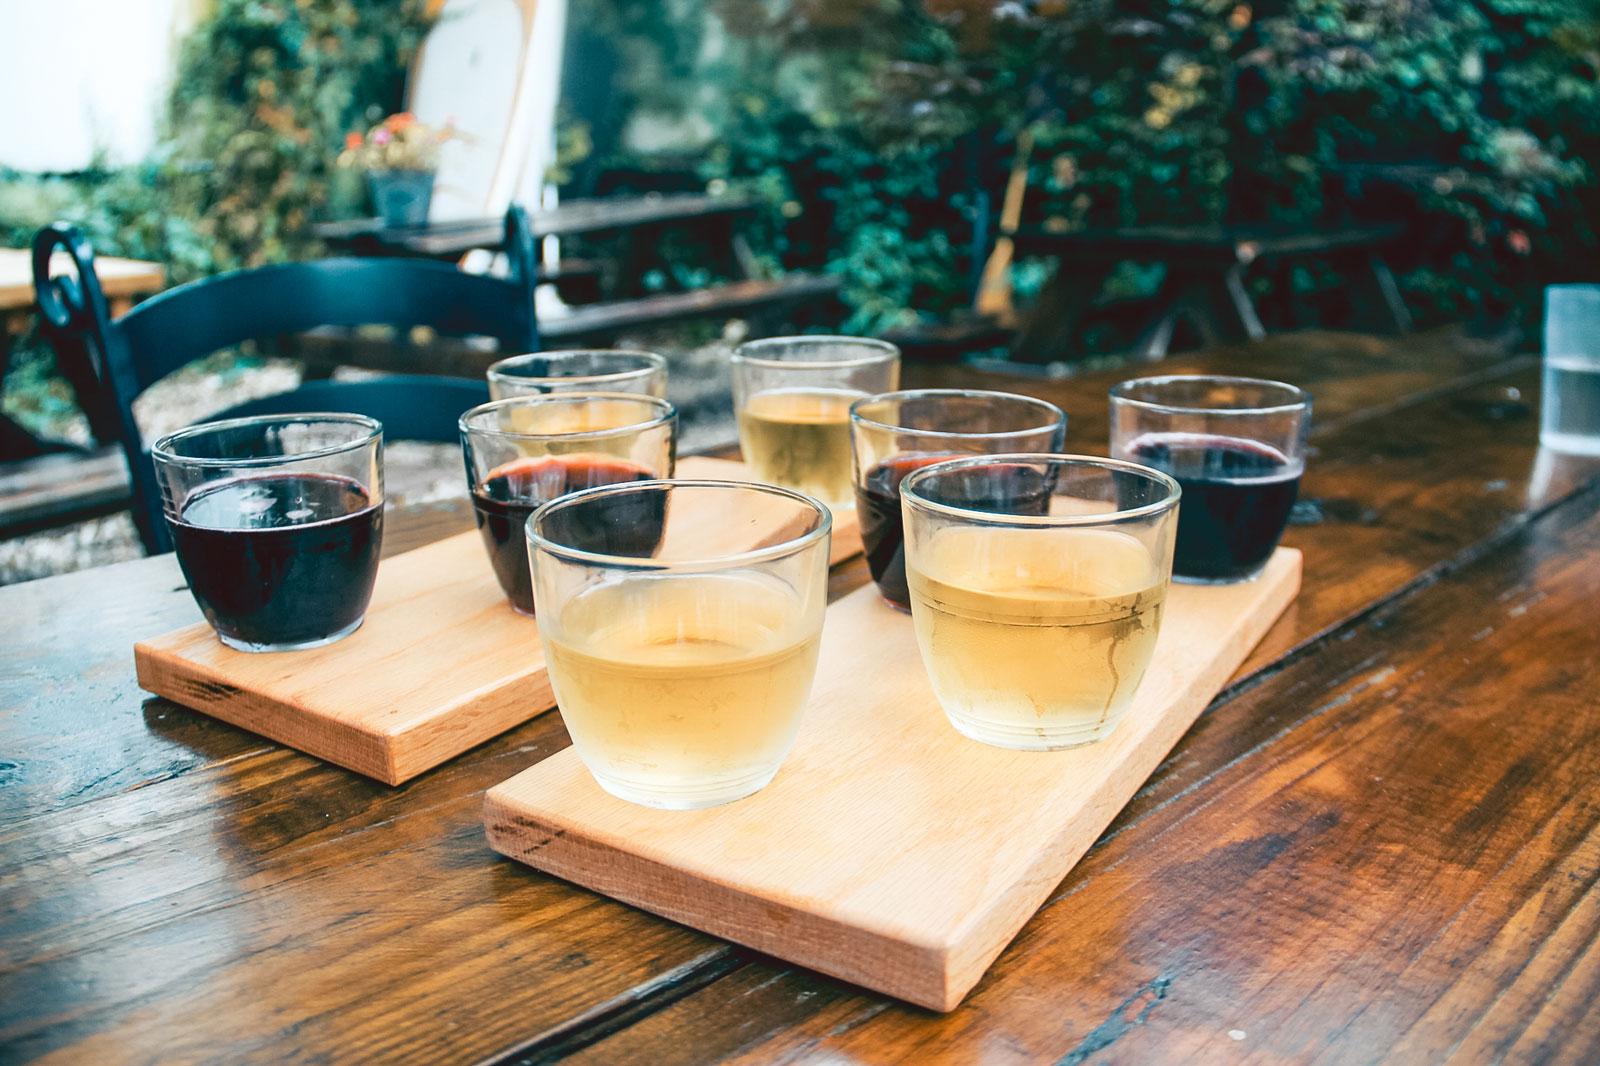 Multiple glasses of wine in a sampler.